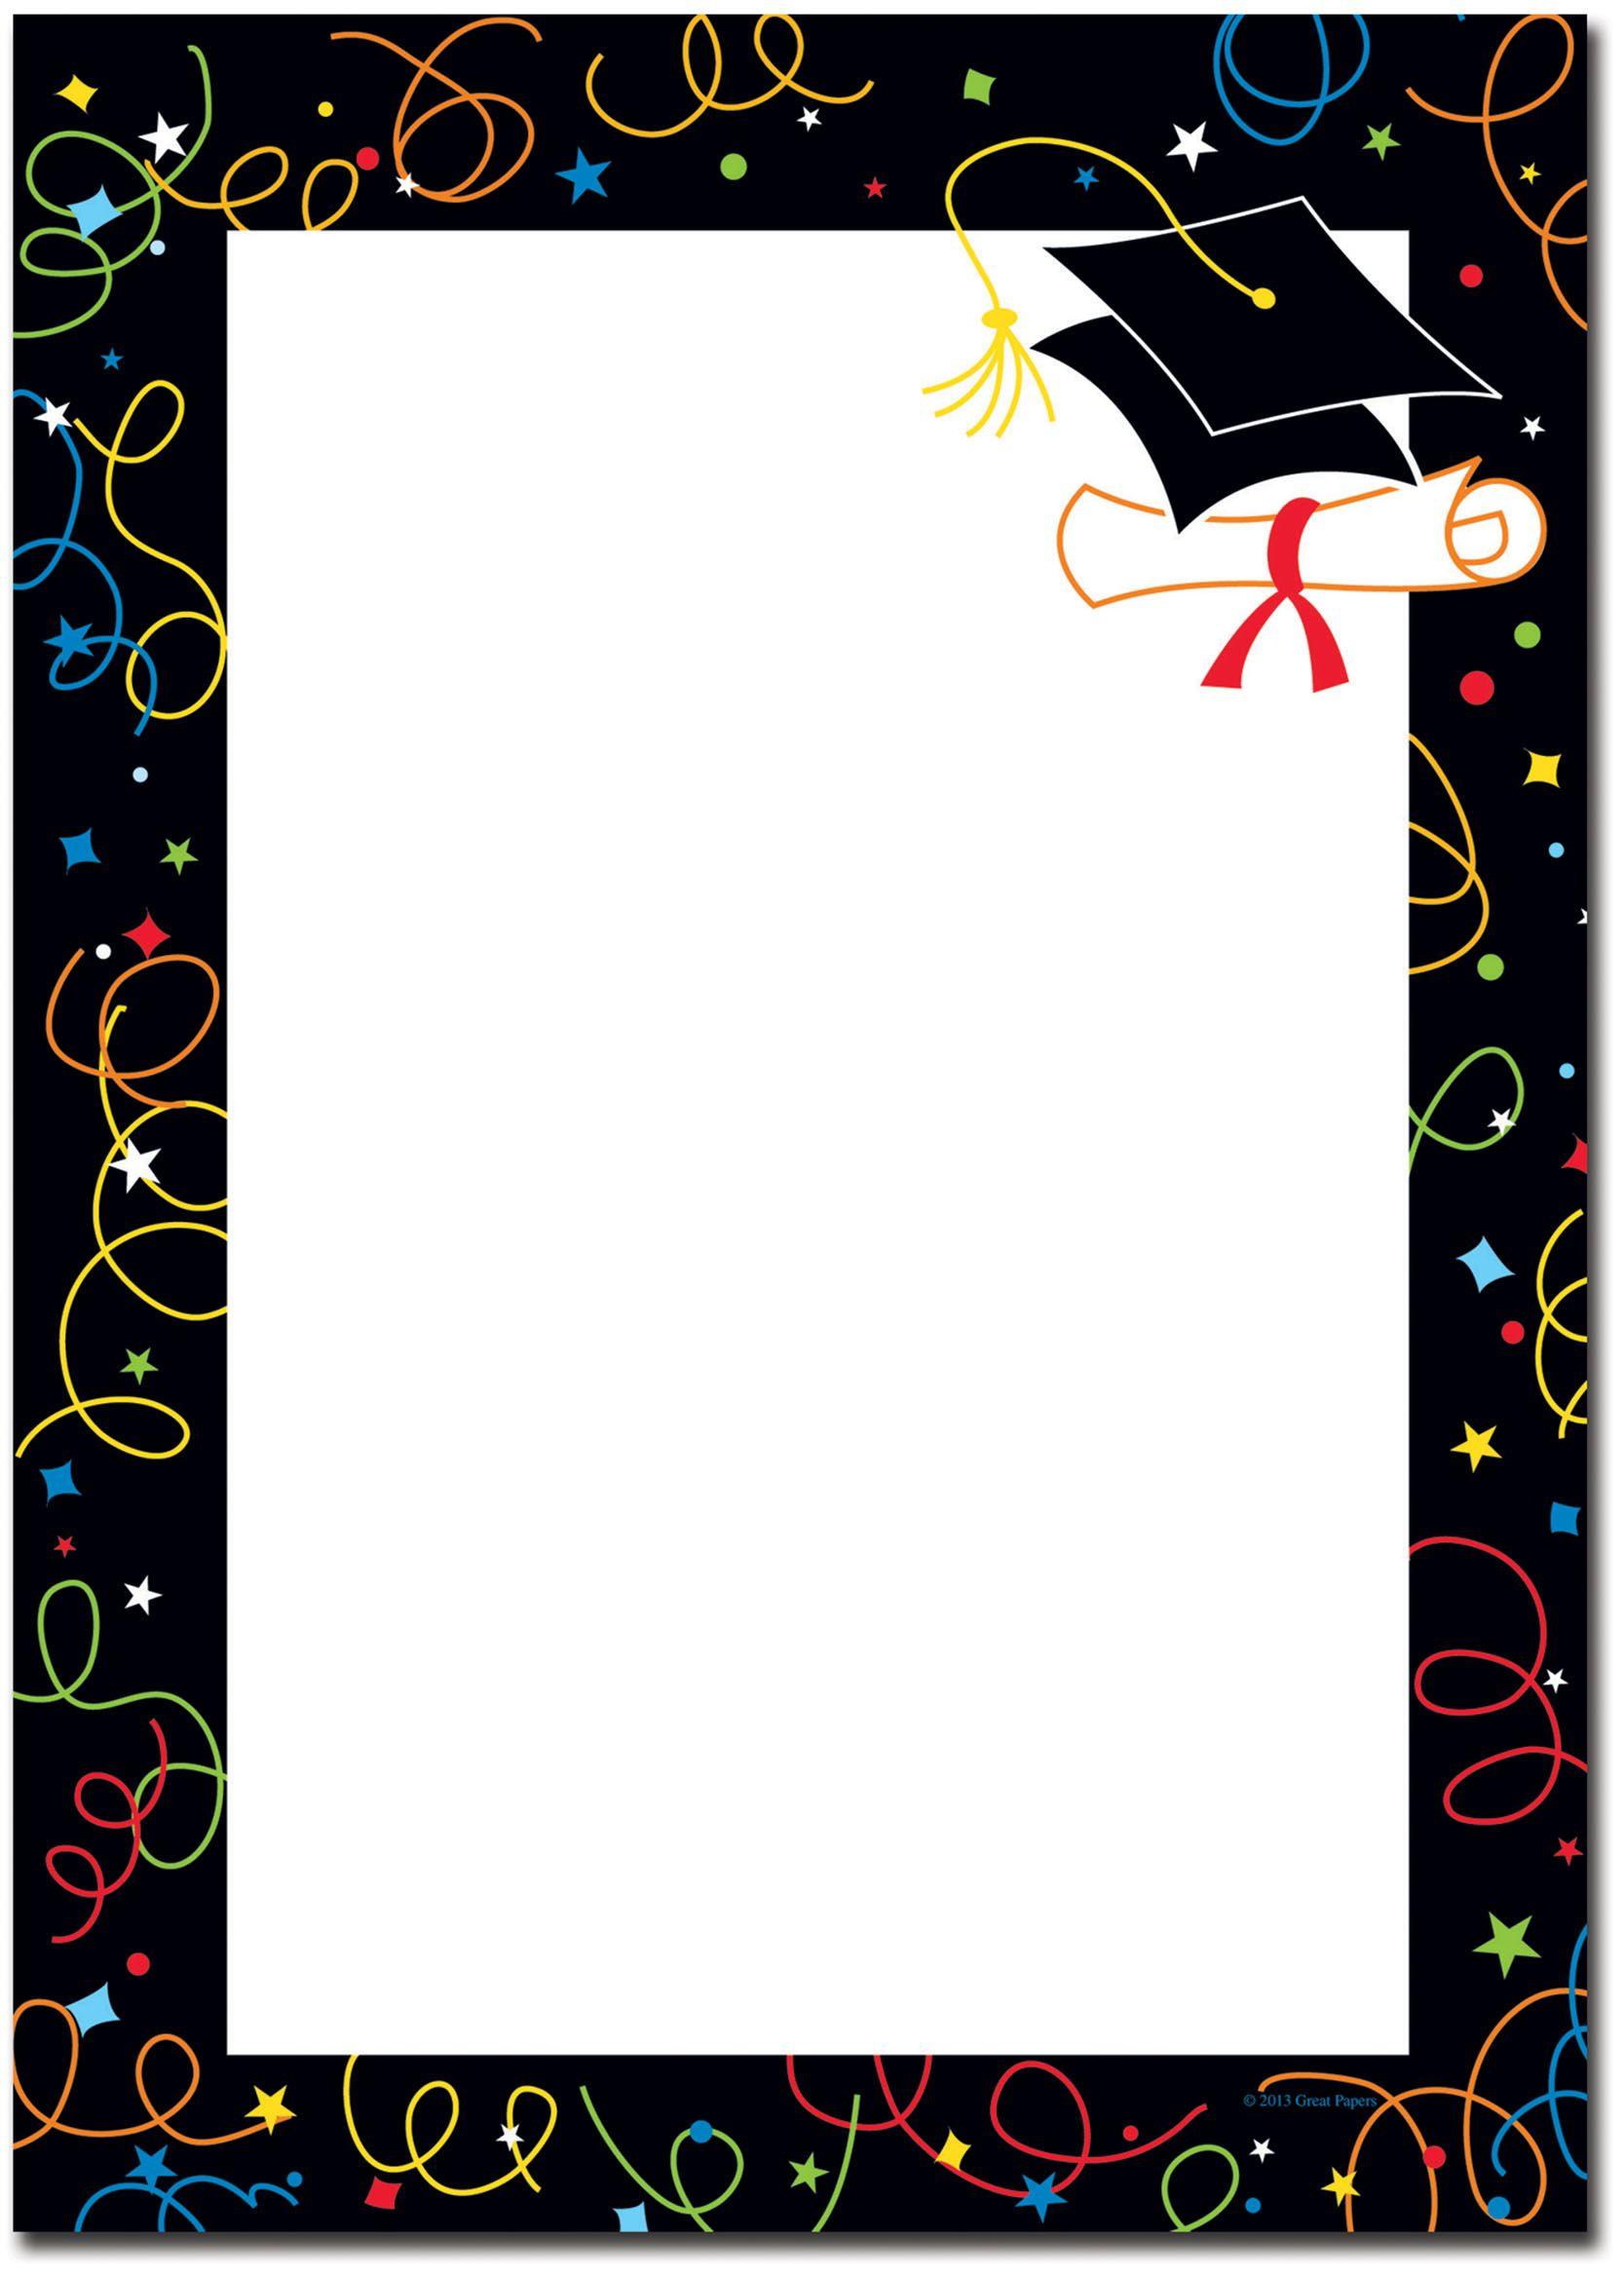 Graduation Borders Graduation | GRAD | Pinterest | Border ...